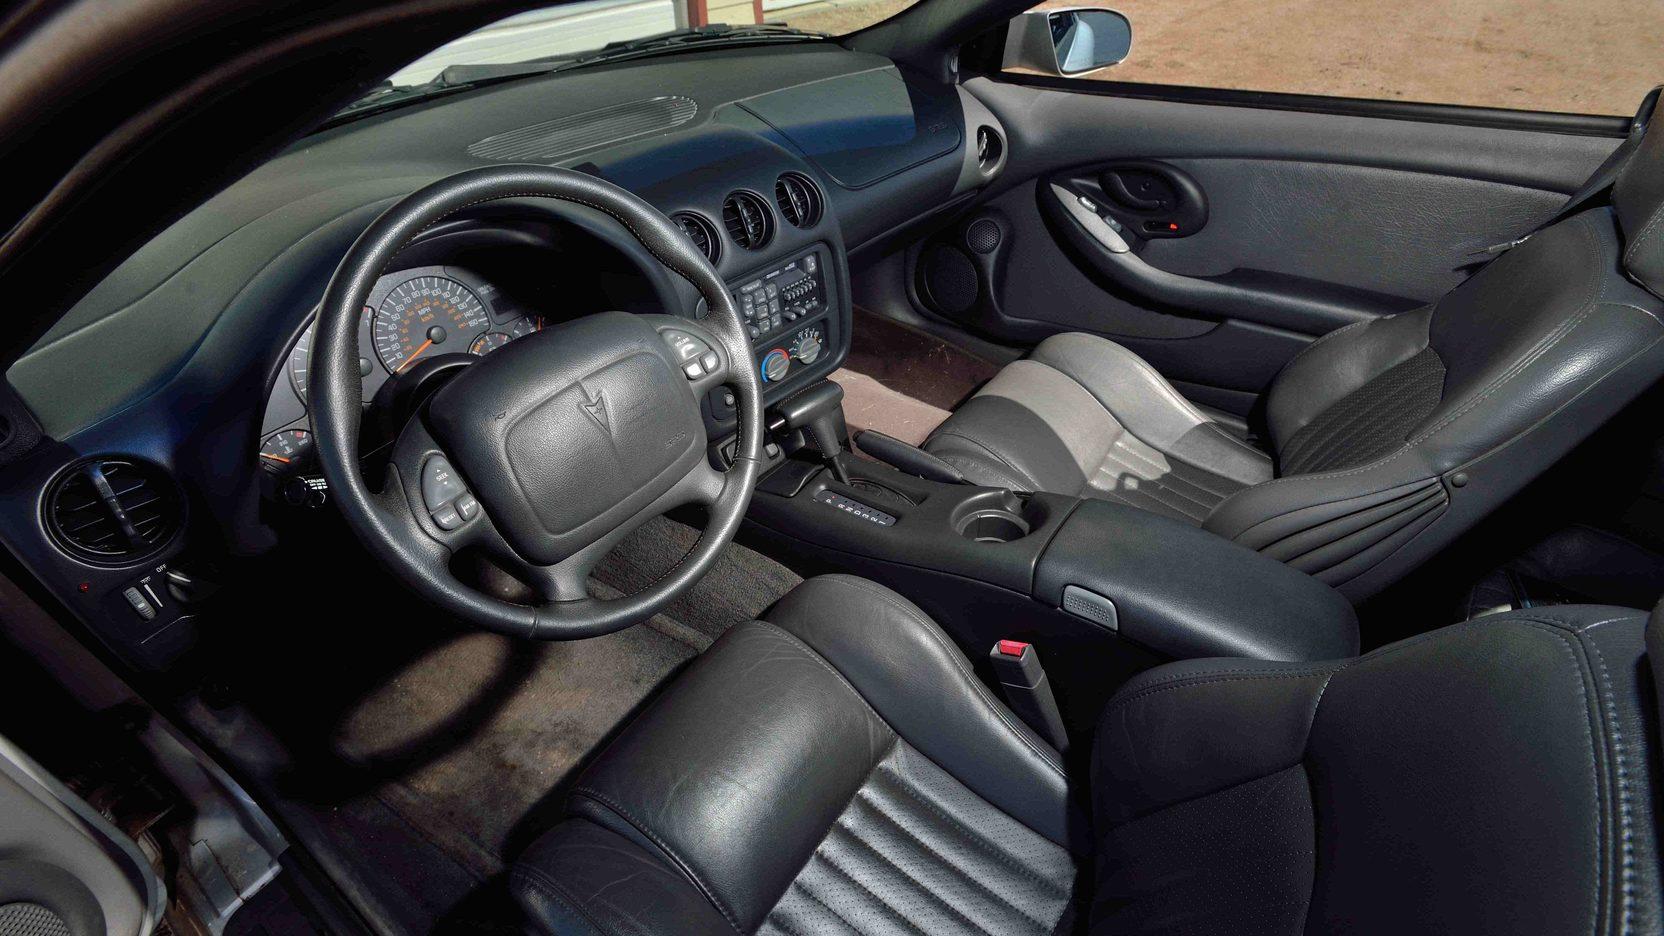 1997 Pontiac Firebird interior